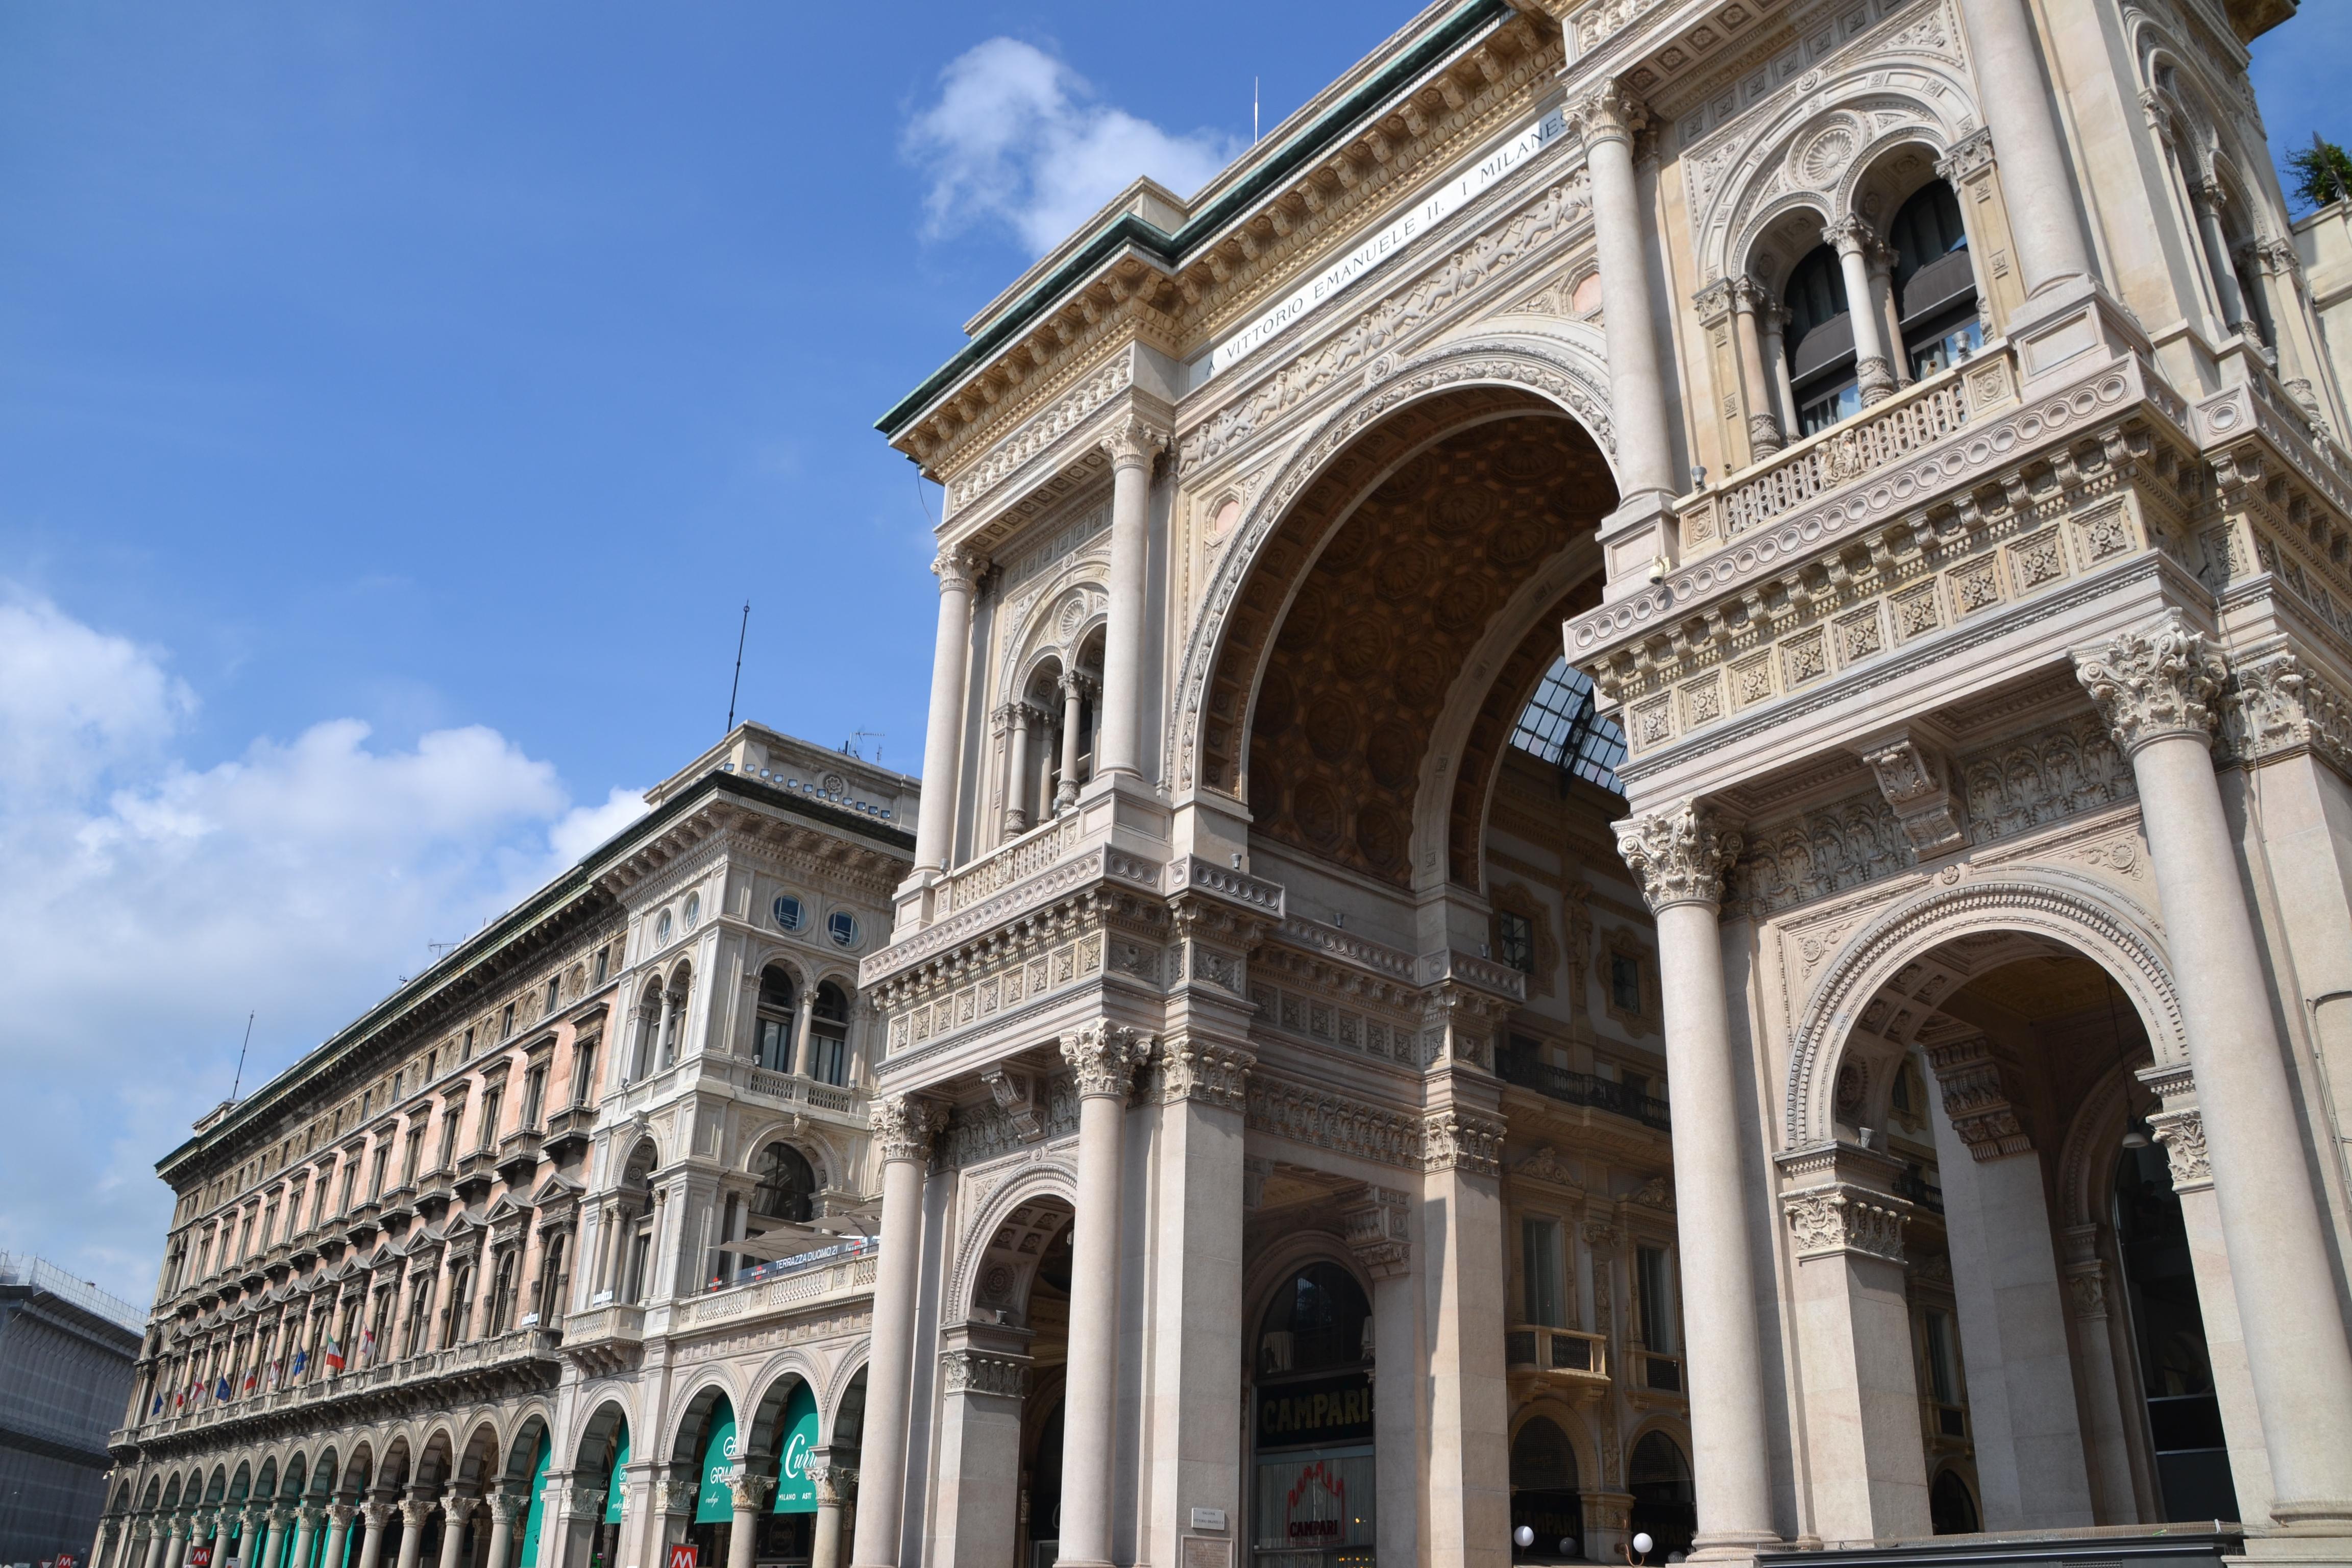 File Portici Settentionali Piazza Duomo Milano Jpg